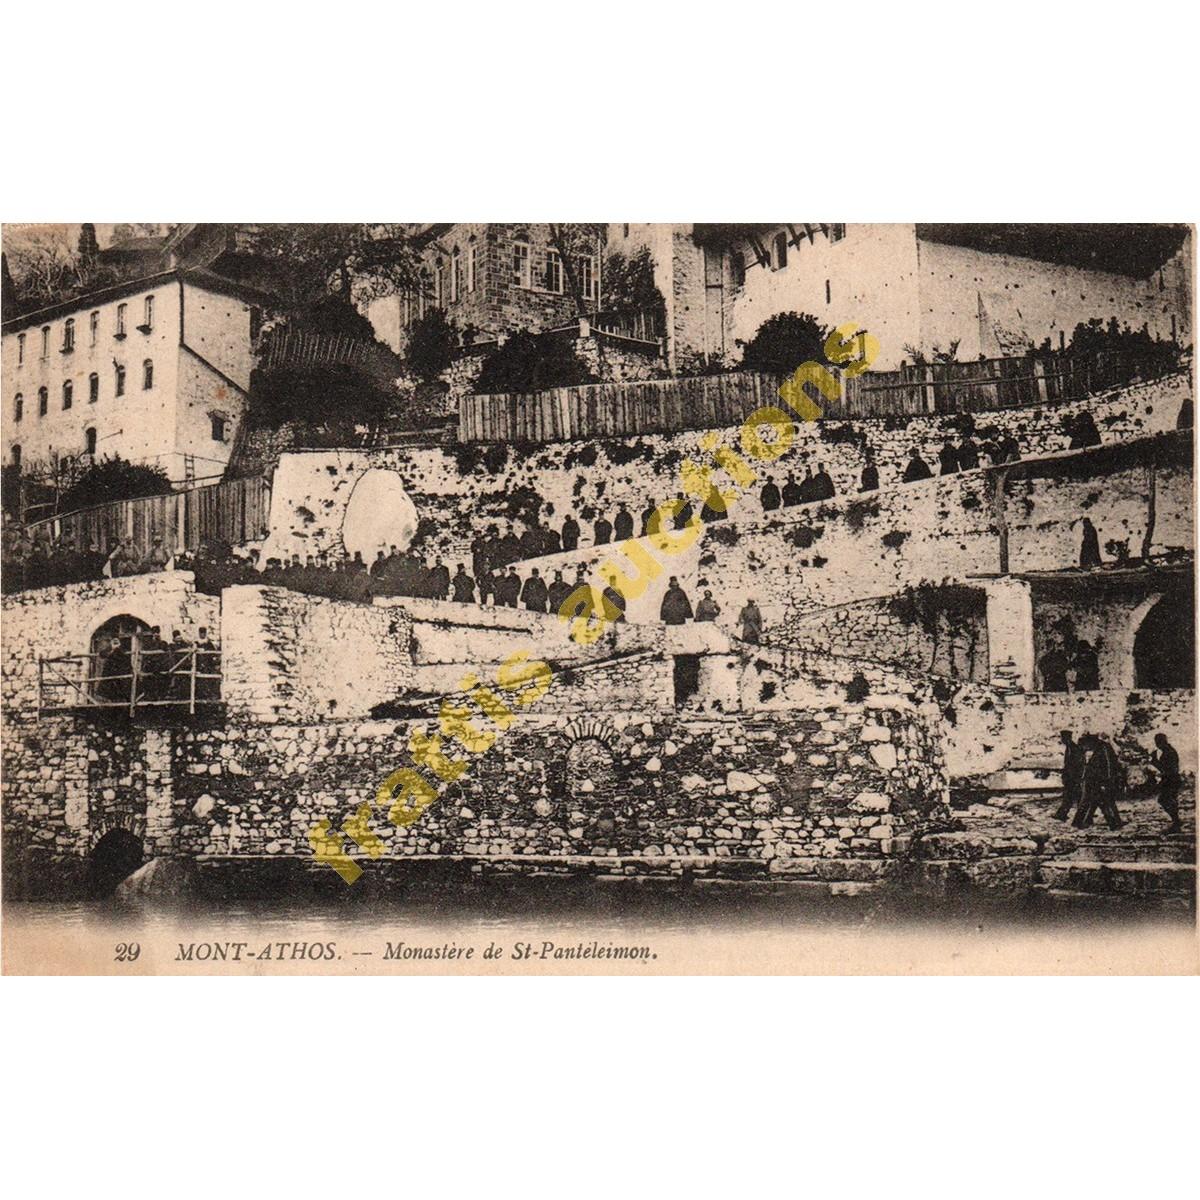 29 Mont Athos - Monastere de St Panteleimon